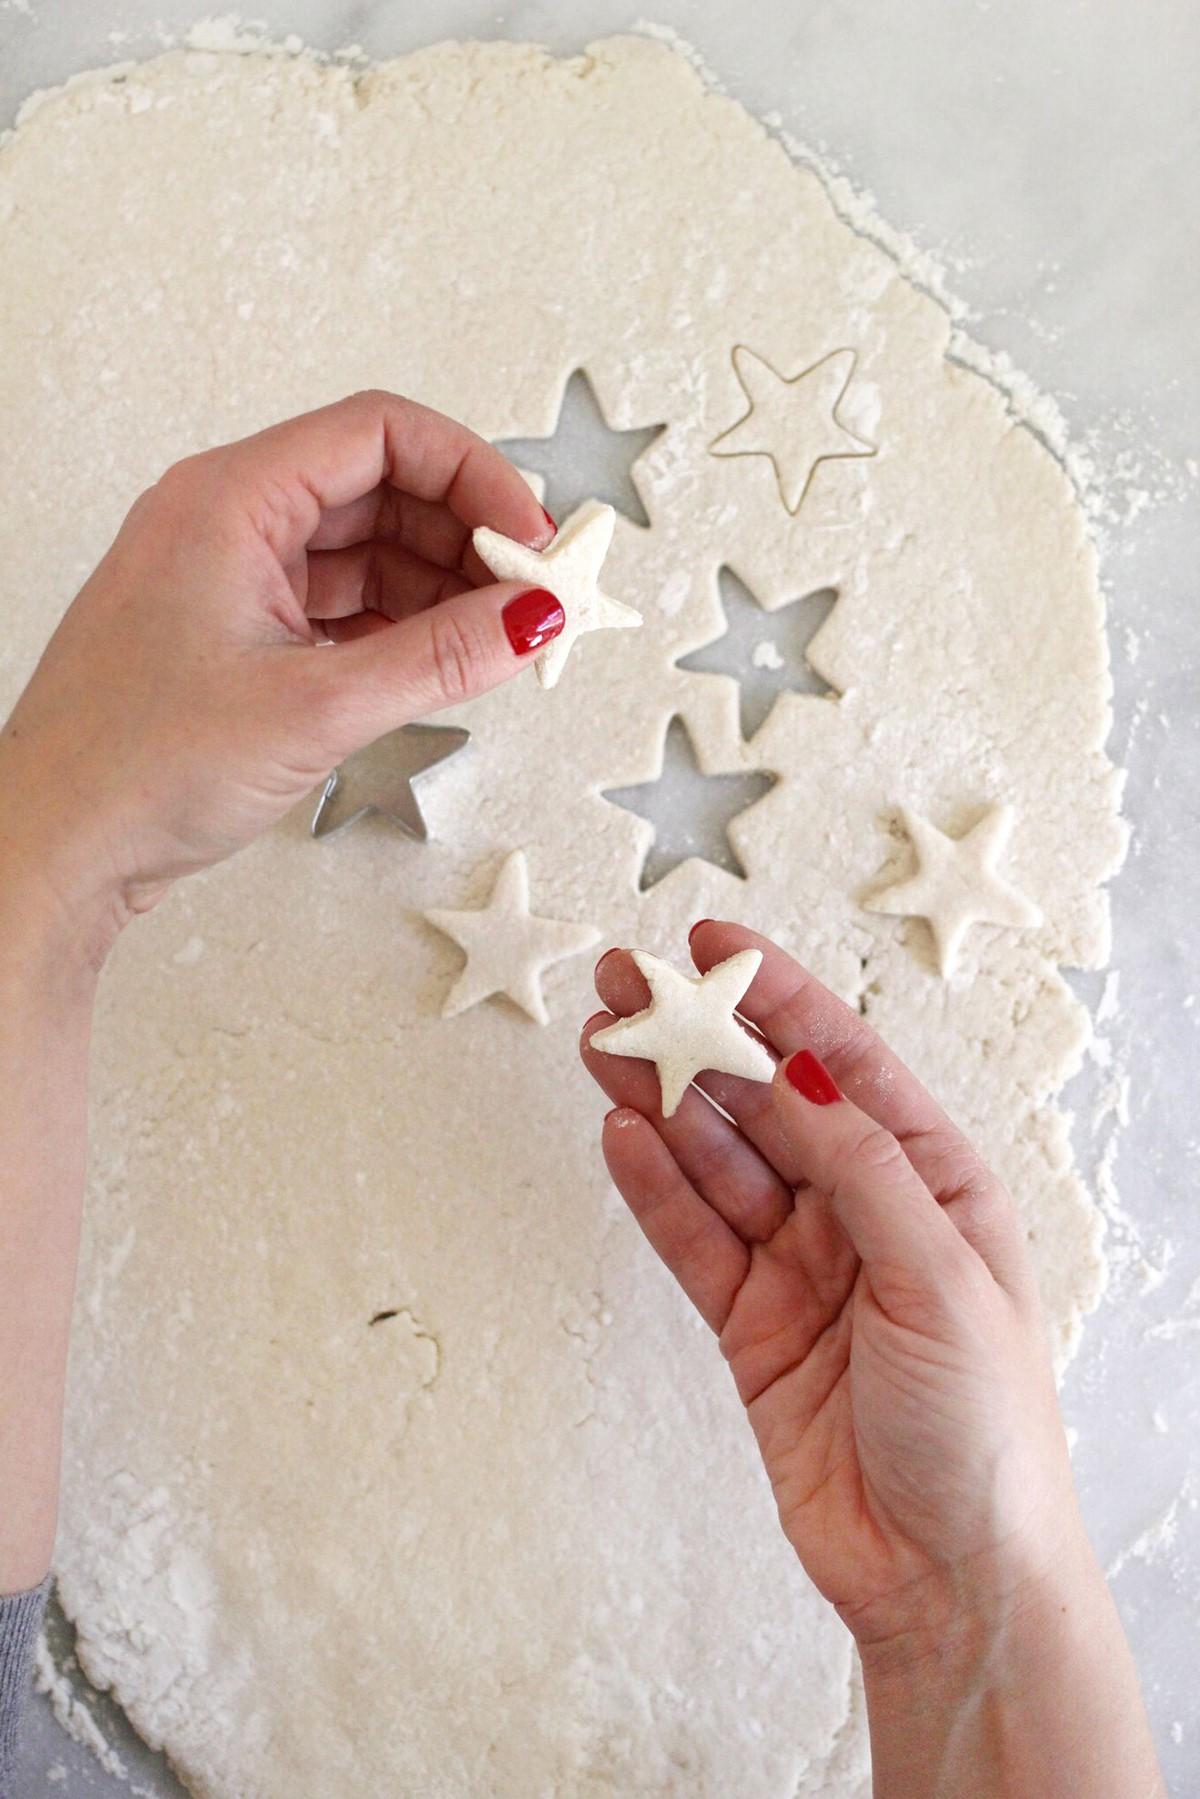 Décorations en forme d'étoiles.